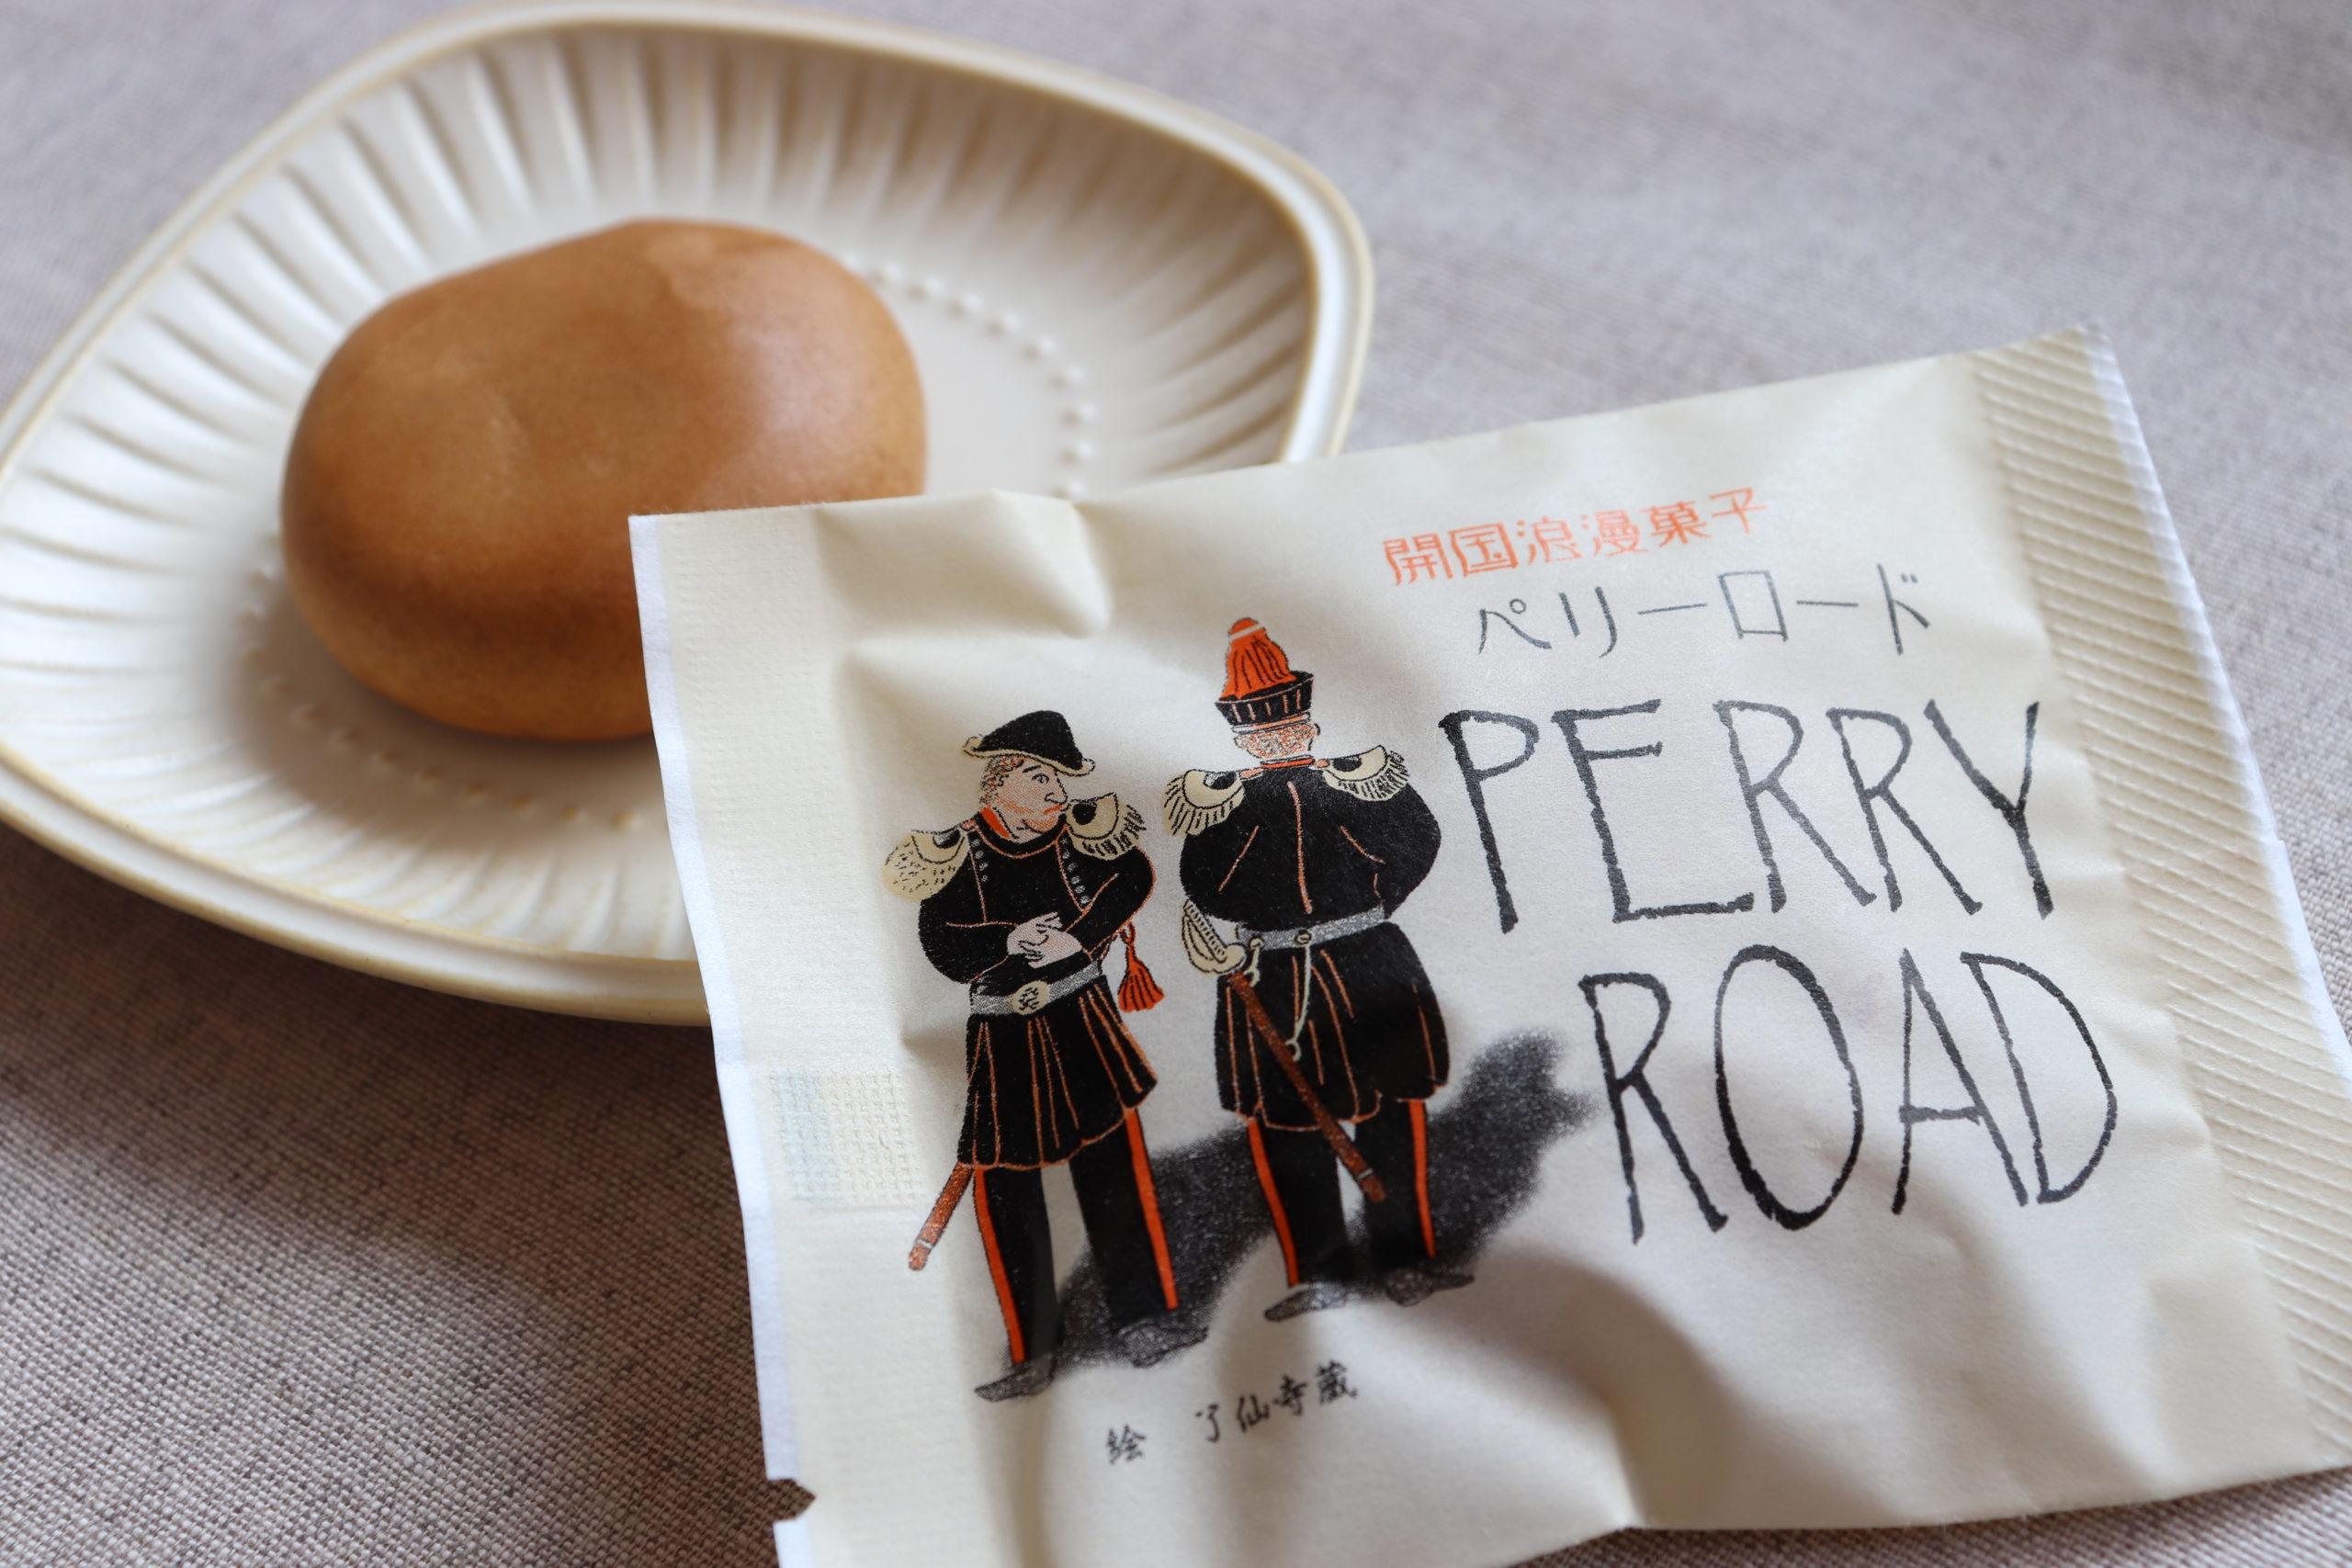 下田 ロロ黒船「ペリーロード」